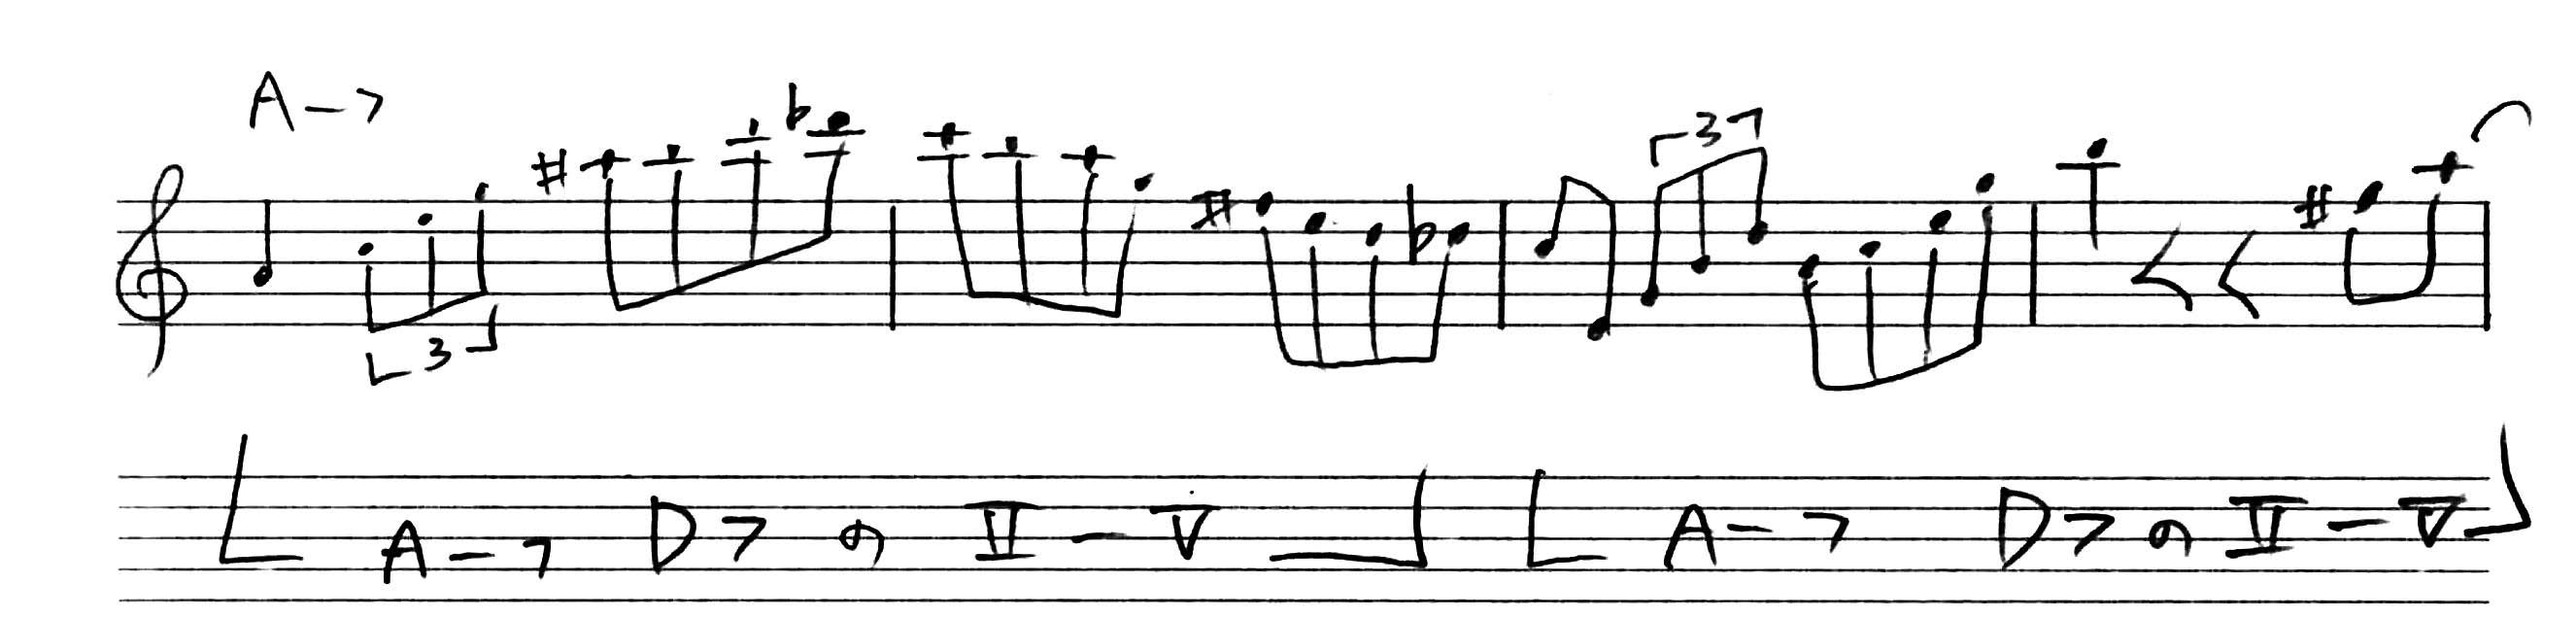 minor-4-b